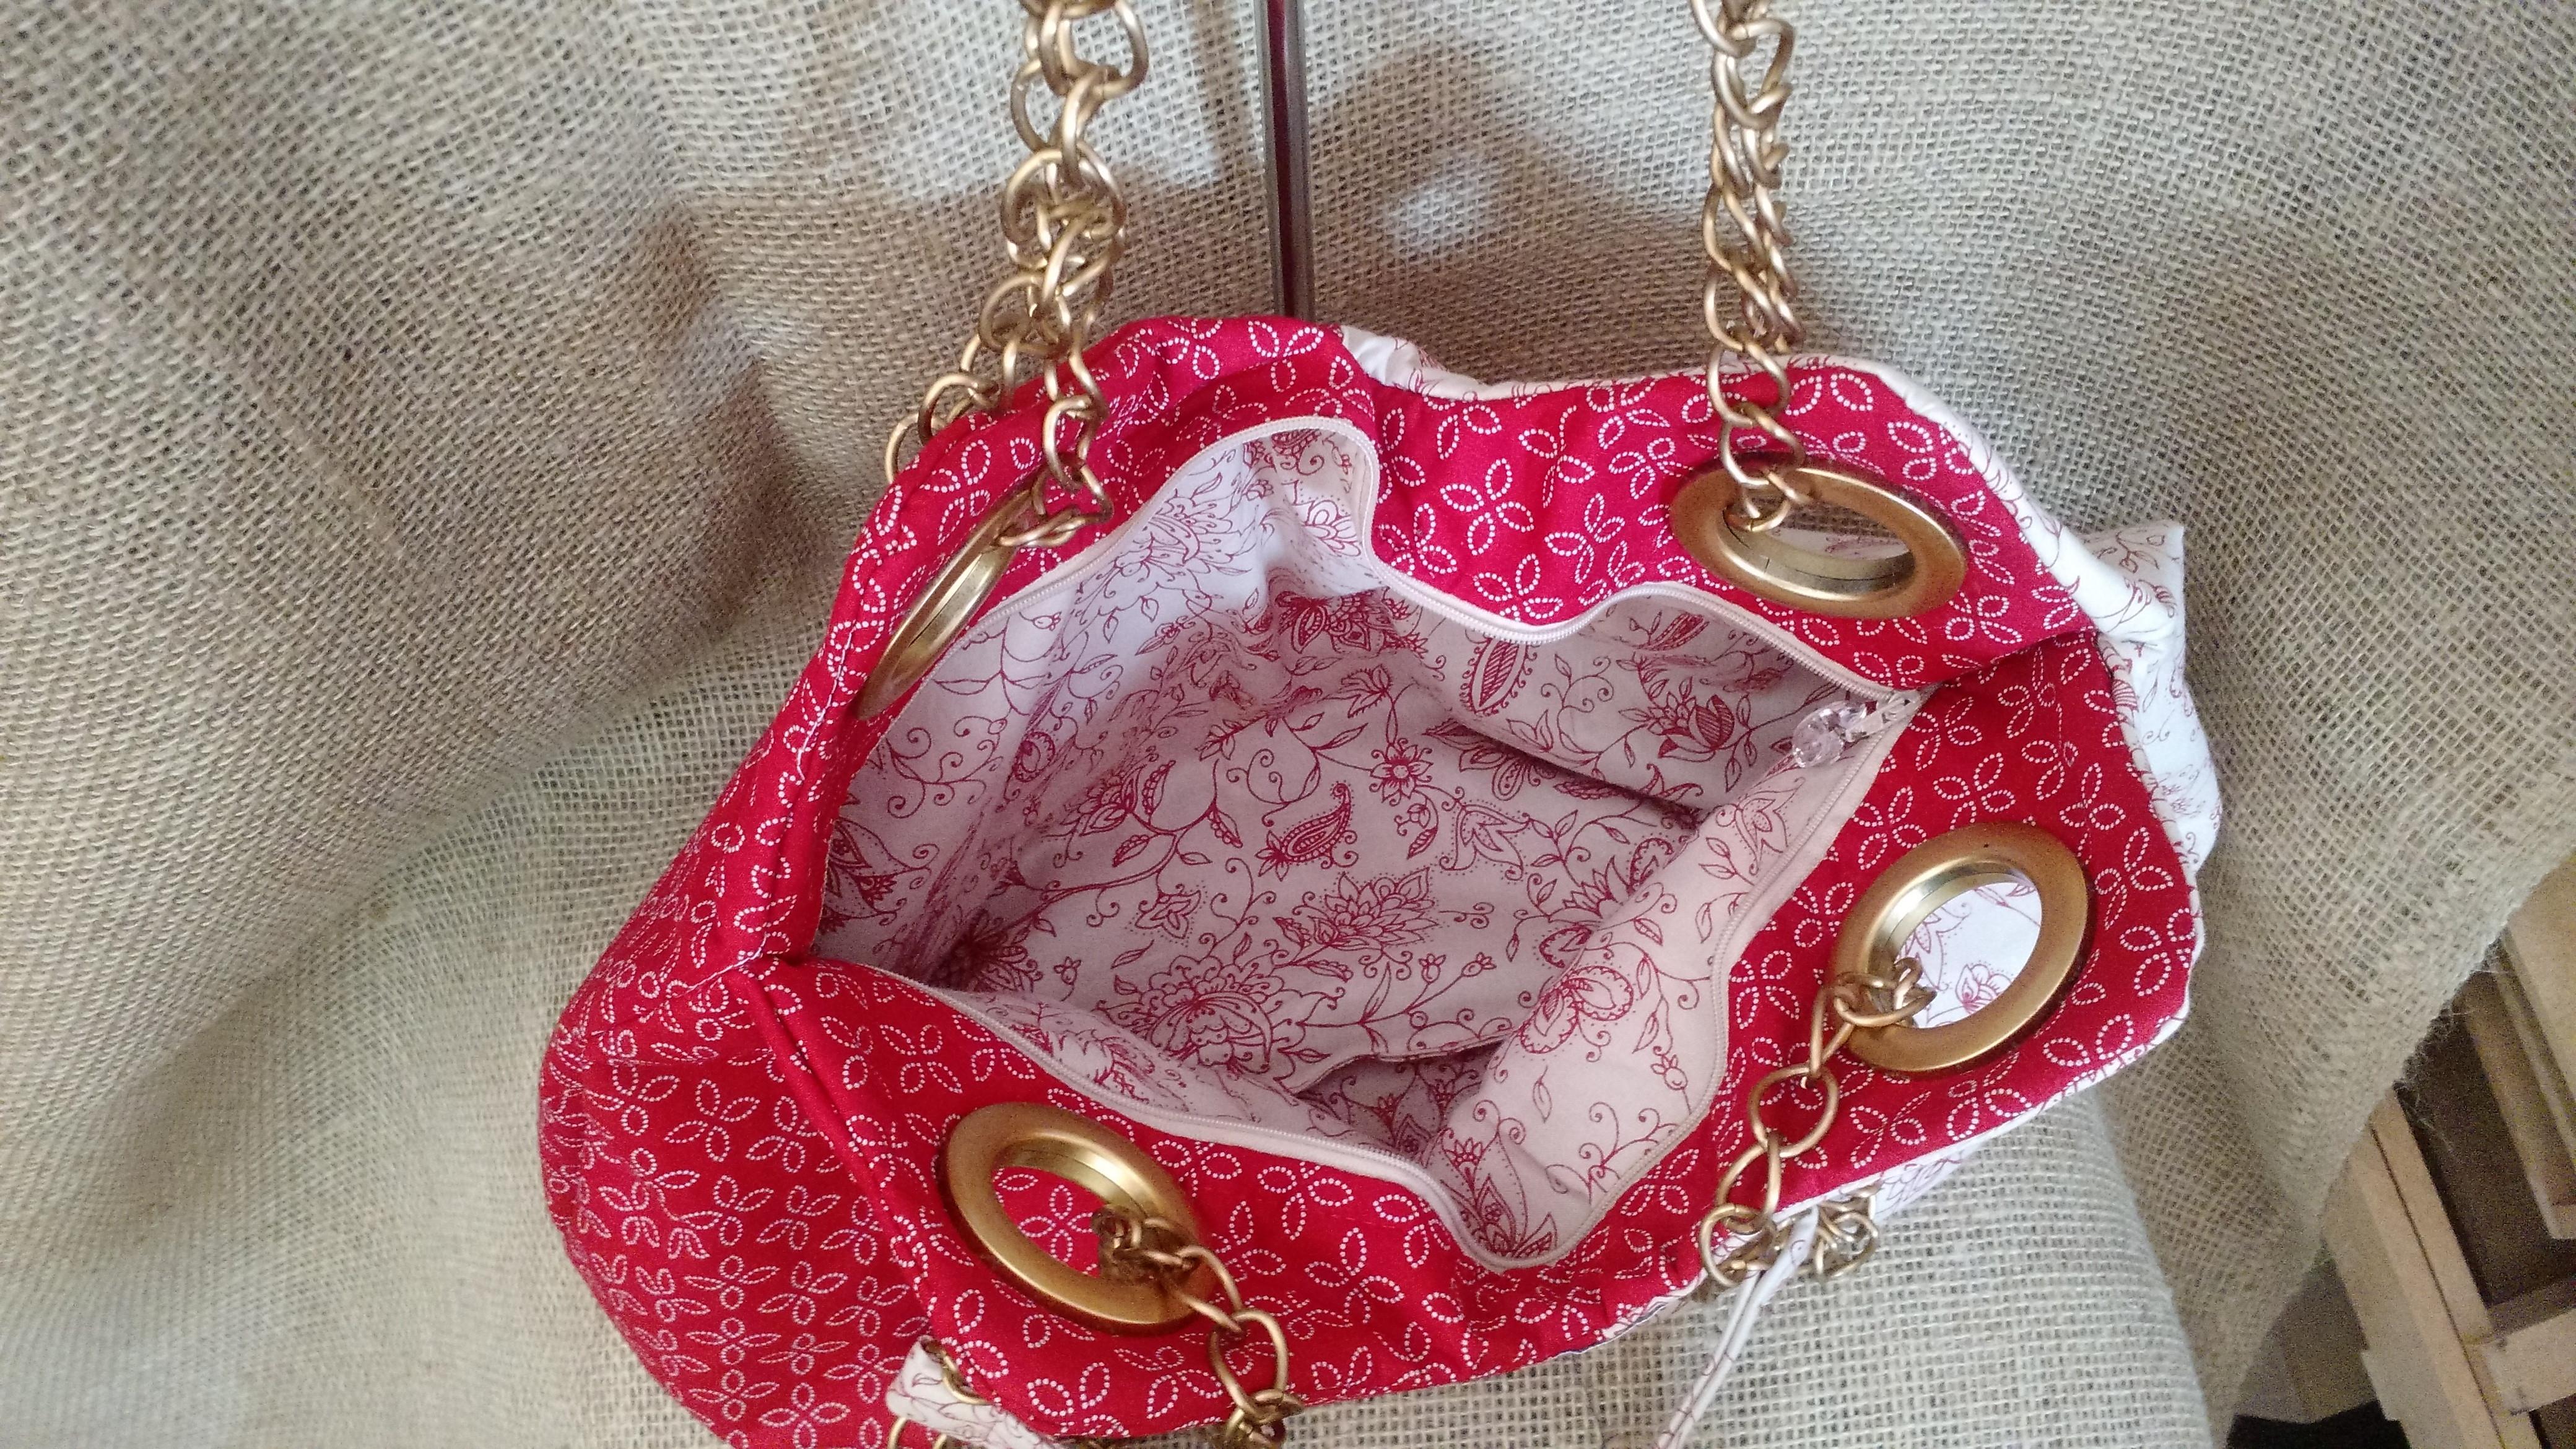 7d2282741 Bolsa em tecido 100% algodão 2 cores alça em corrente00 no Elo7 | Mundo  Artesanato TP (C3DEA8)